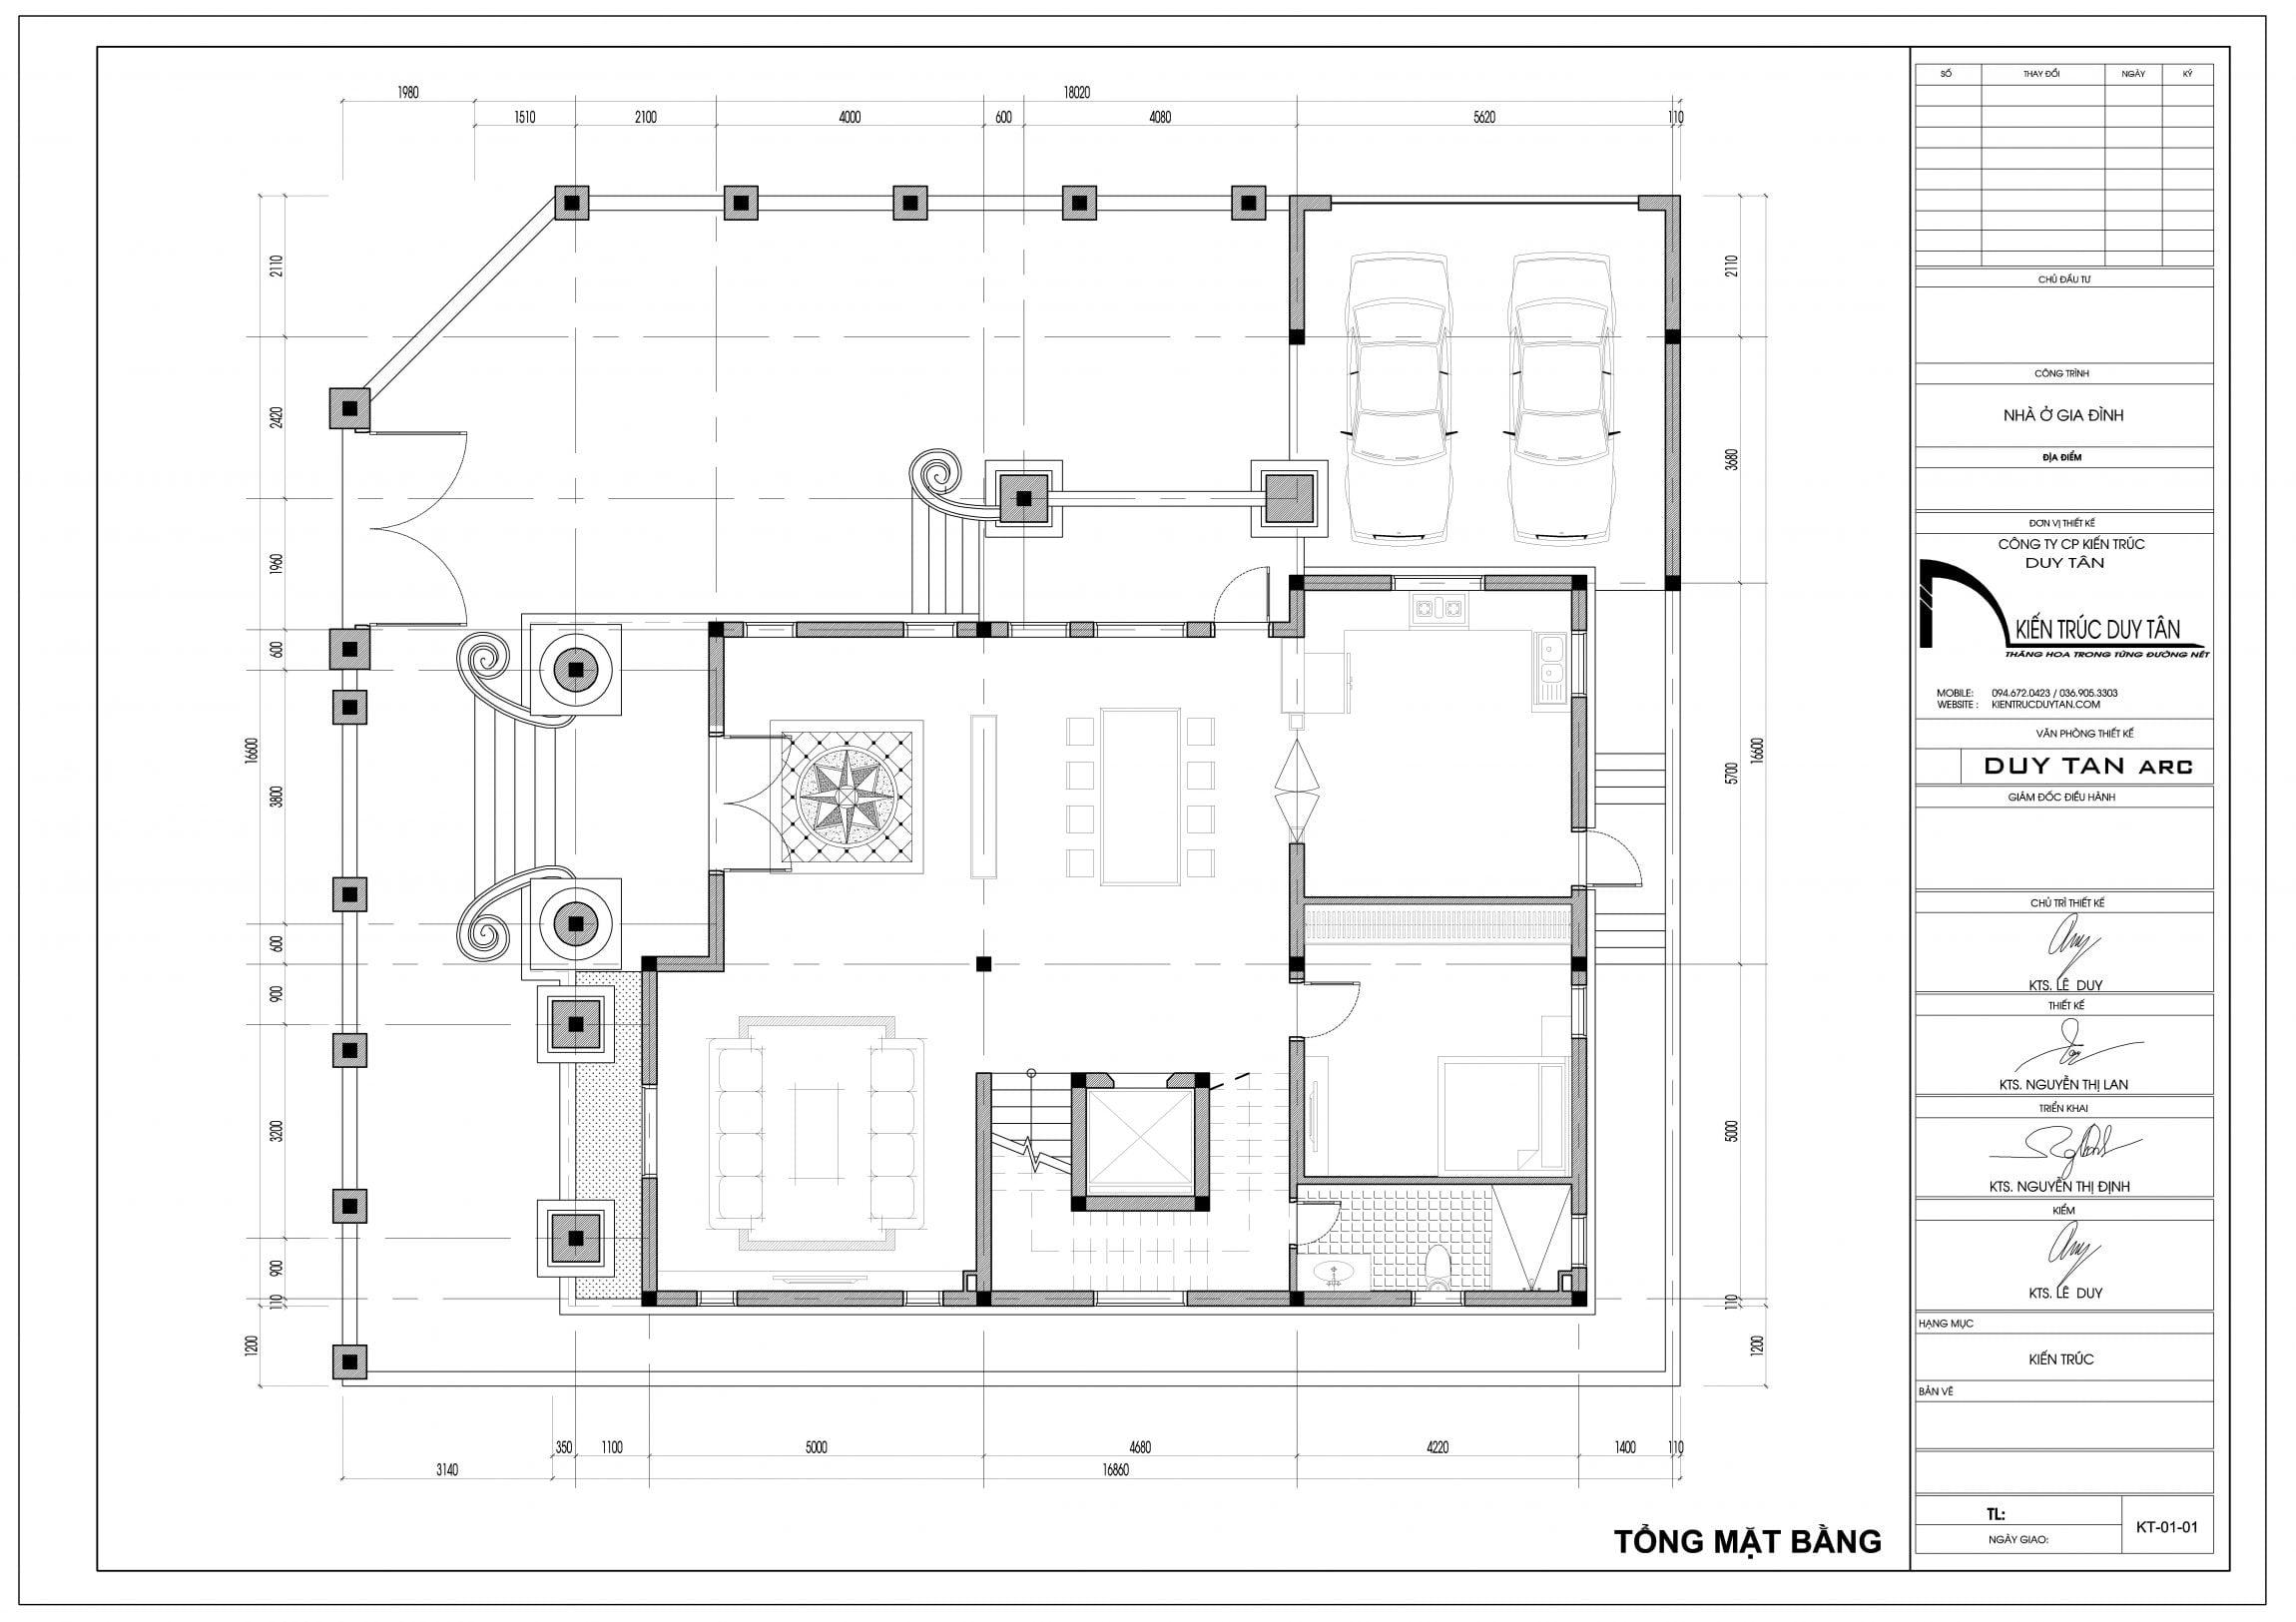 99+ Bản Vẽ Biệt Thự Mái Thái Phong Cách Tân Cổ Điển